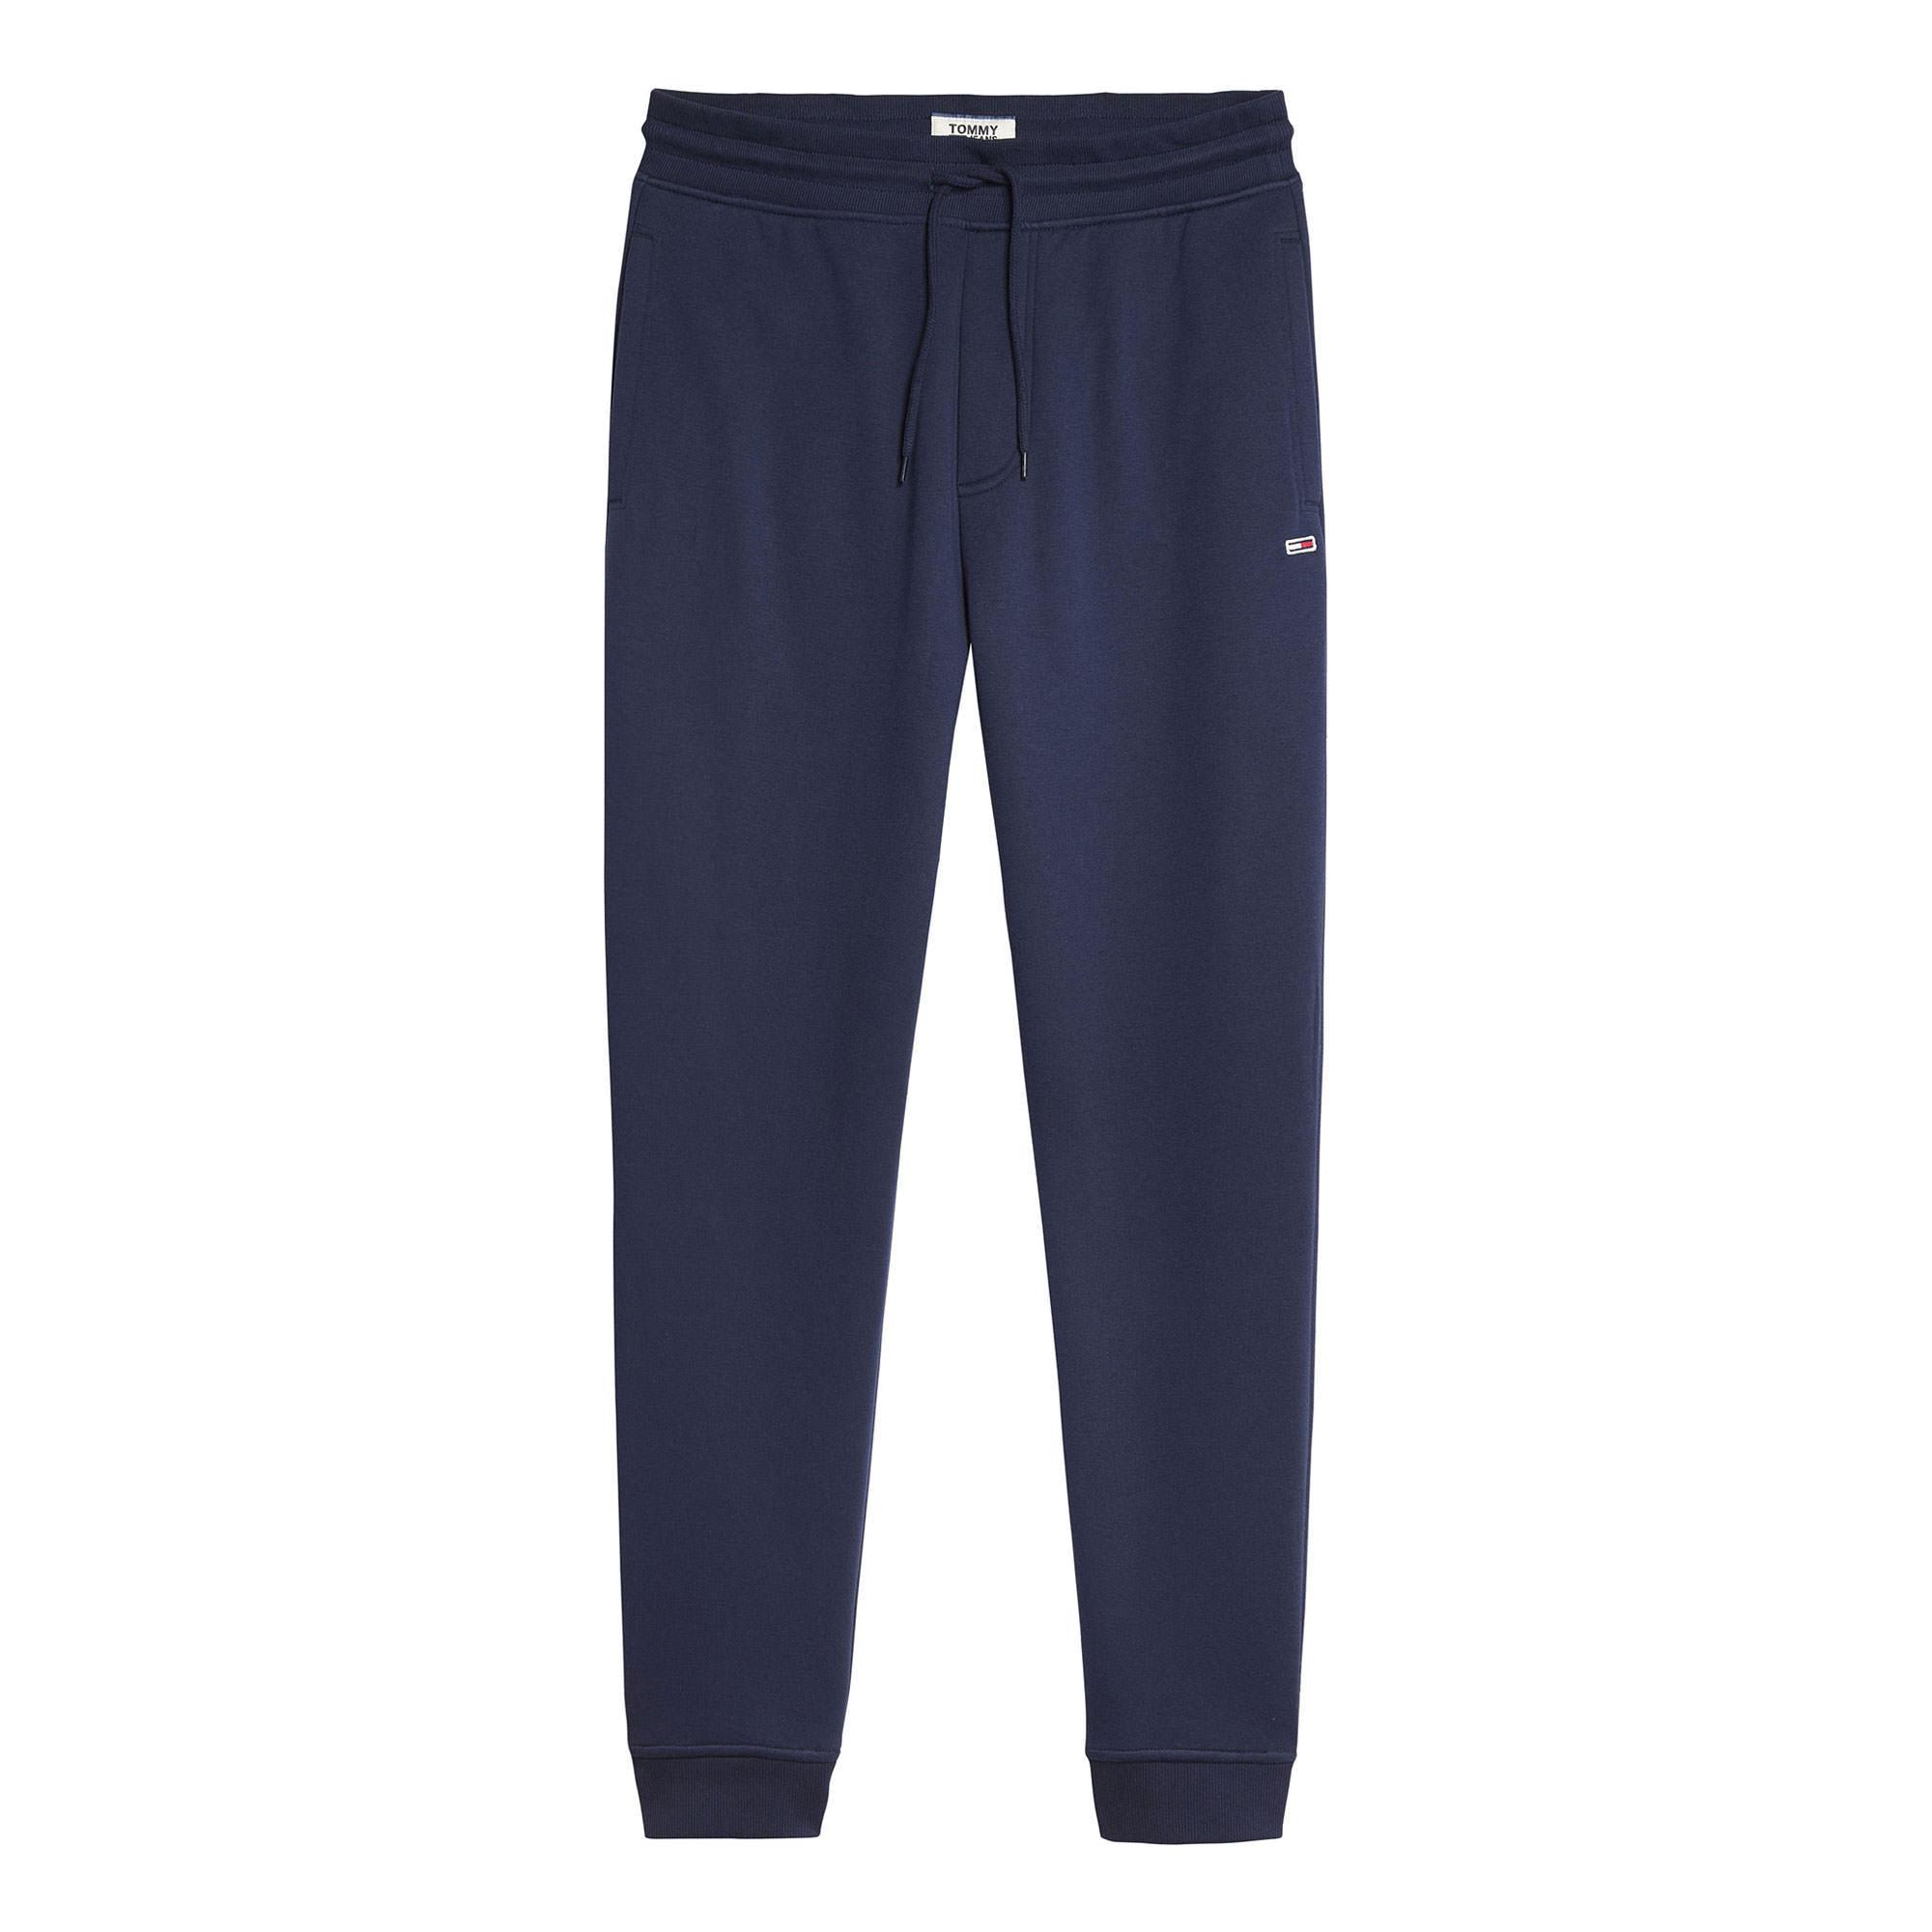 144708147: Tommy Classics Sweatpants